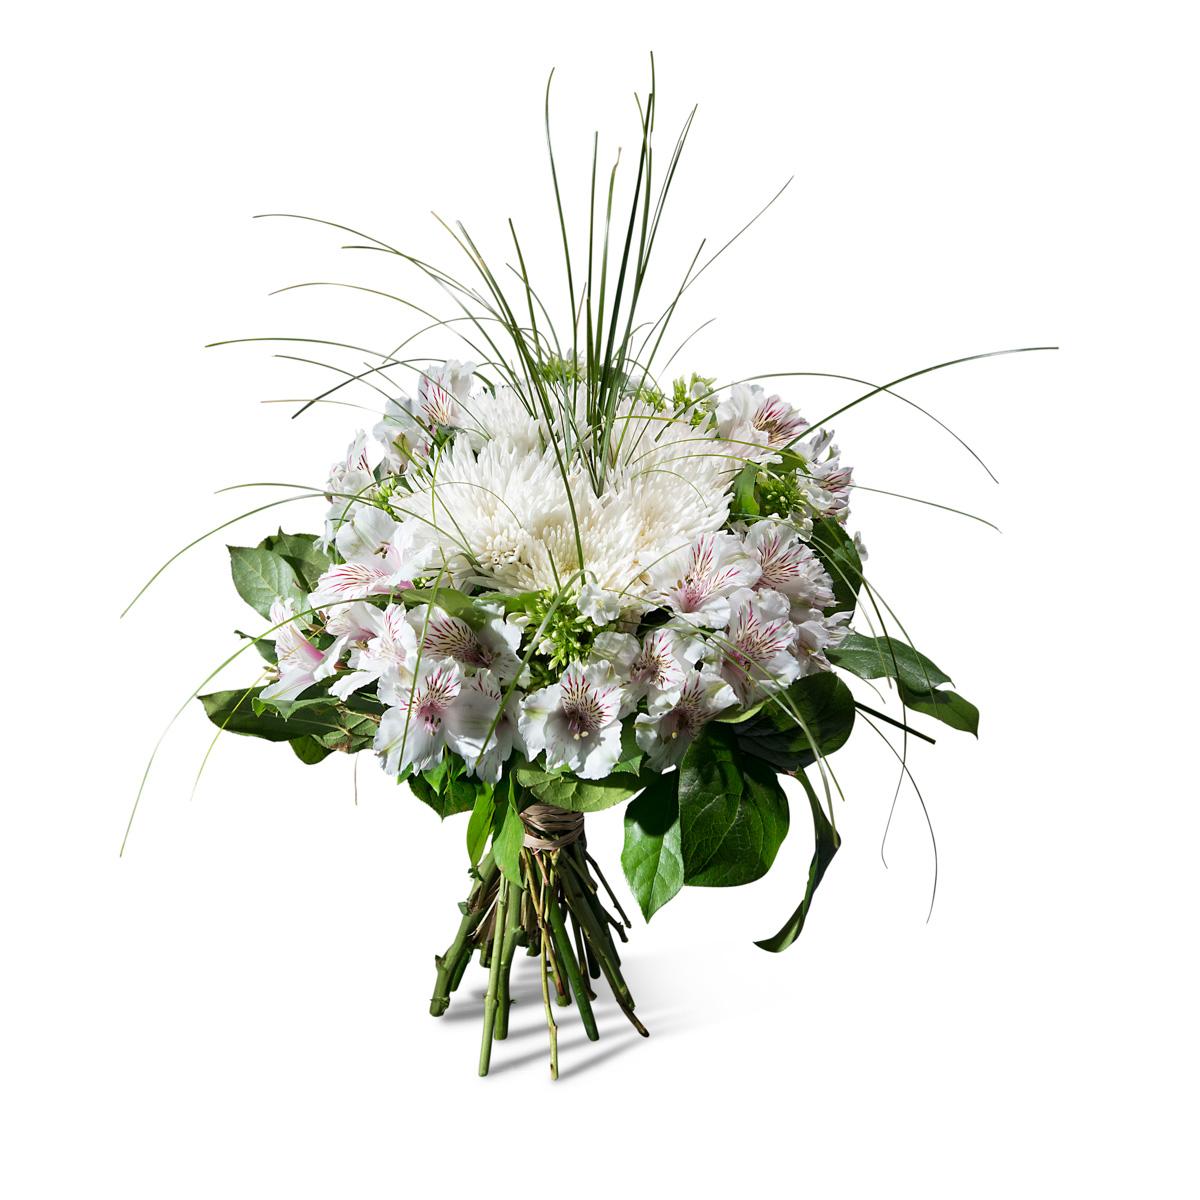 Ramo de Condolencias en tonos blancos - Ramo Blanco - Env?o de Flores a Domicilio